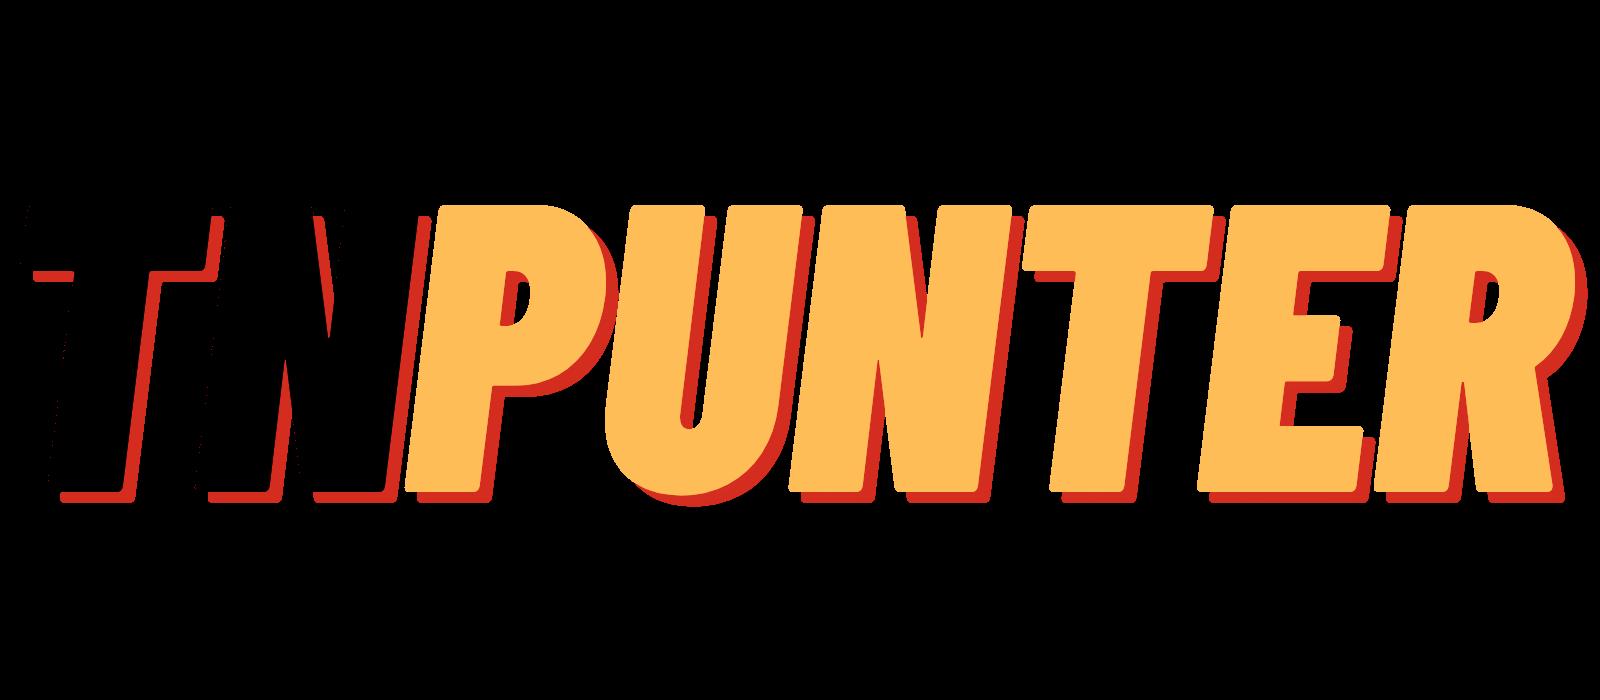 tnpunter.com